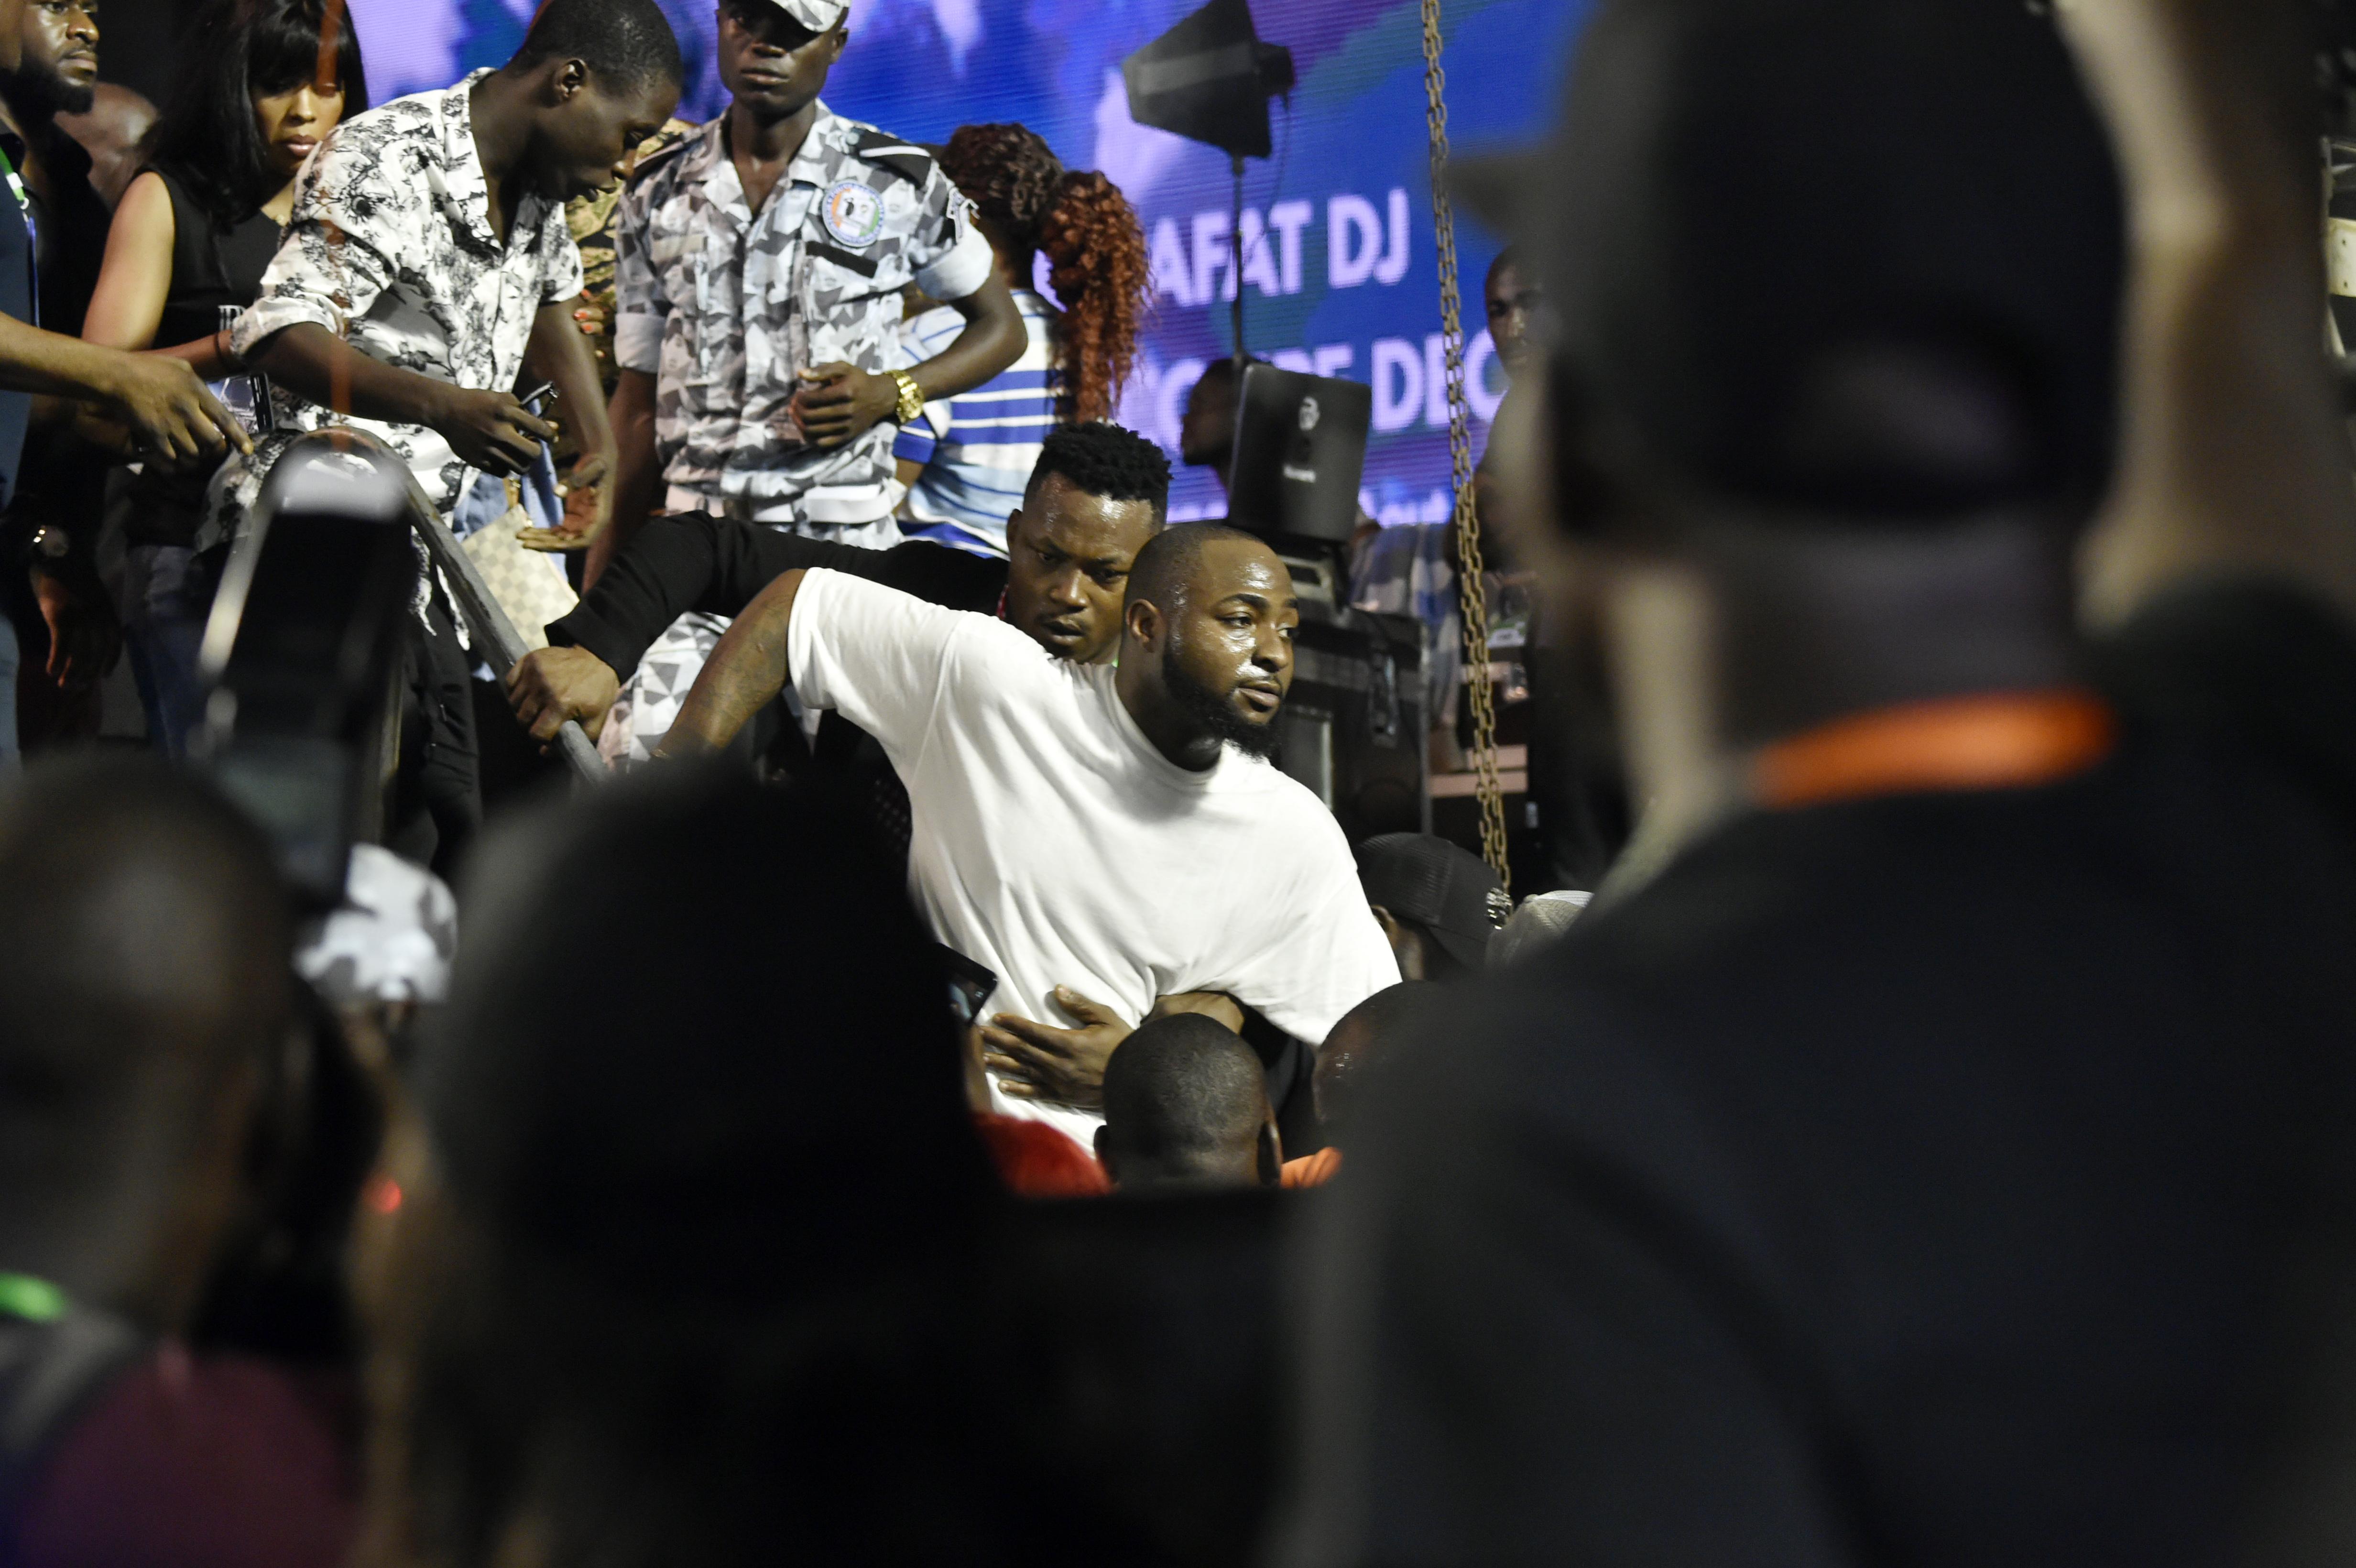 L'artiste nigérian Davido, descendant du podium après sa prestation au stade Félix Houphouët-Boigny, le 31 août 2019 lors des funérailles de DJ Arafat.